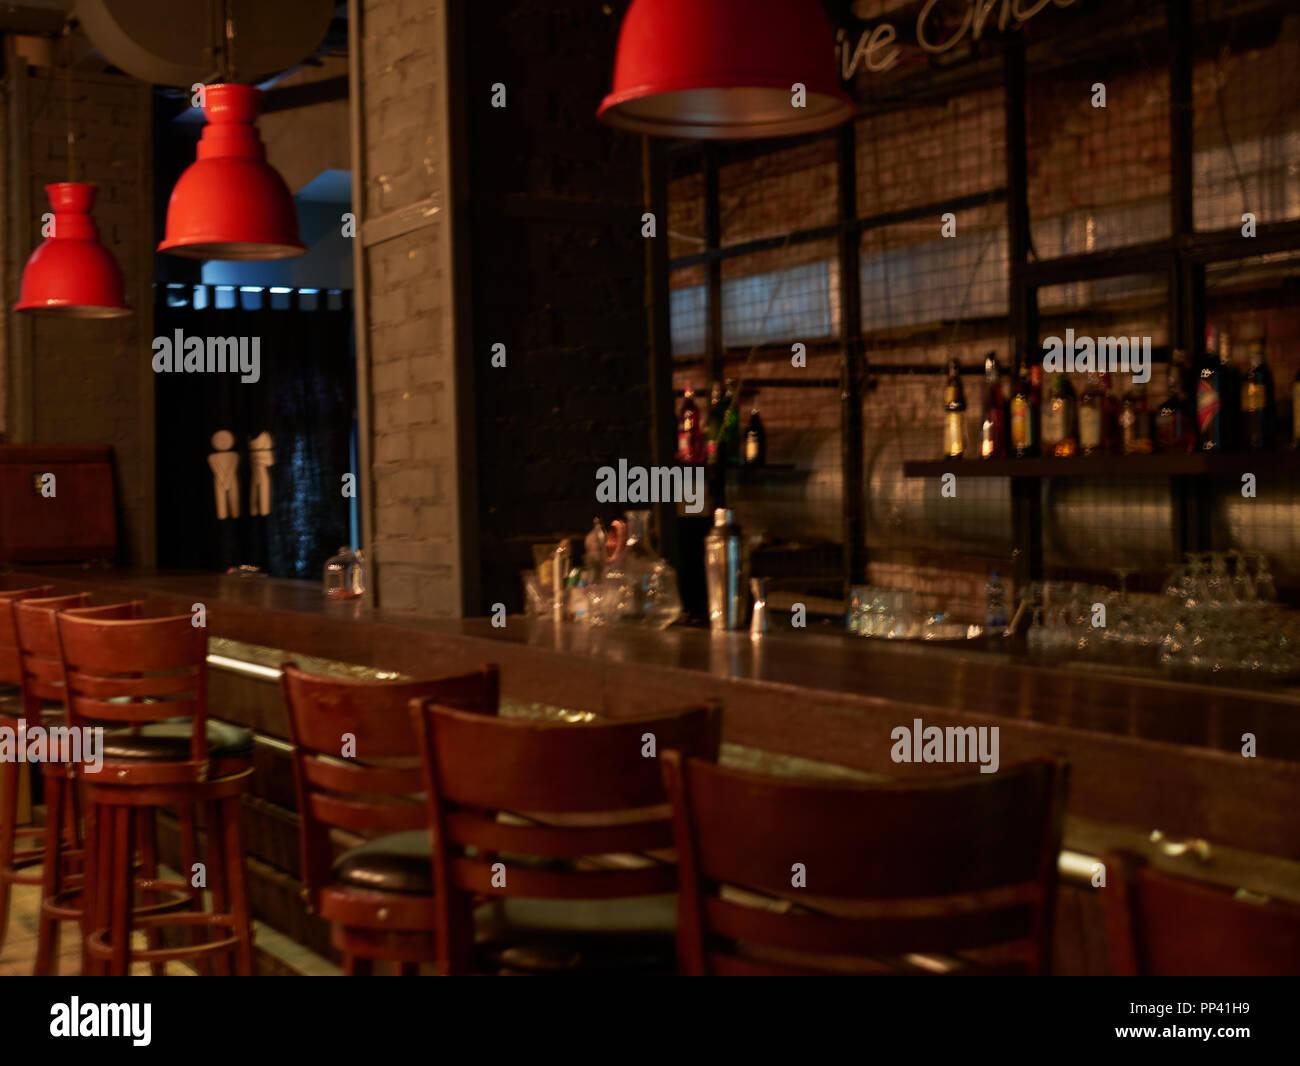 Lampen Modern Design : Modern jazz bar interior design bühne mit schwarzen klavier und